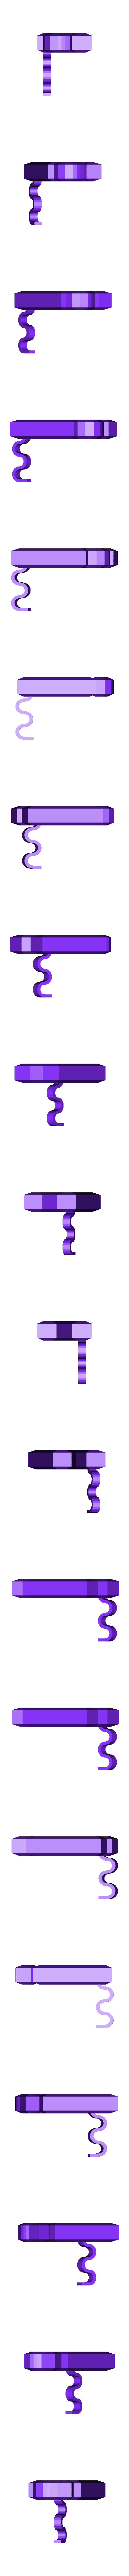 Ñ MASK.stl Download STL file Hanging letter masks • 3D printable model, Vetusta_3D